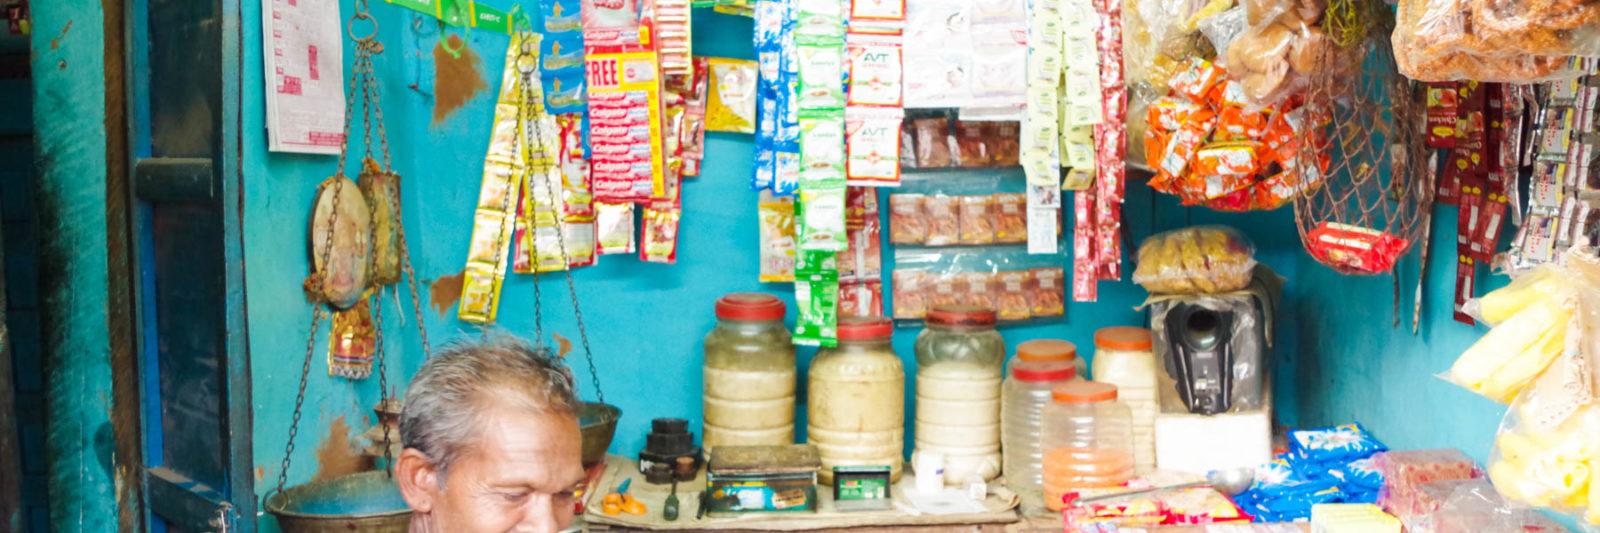 オリッサ州の少数部族の村にある商店